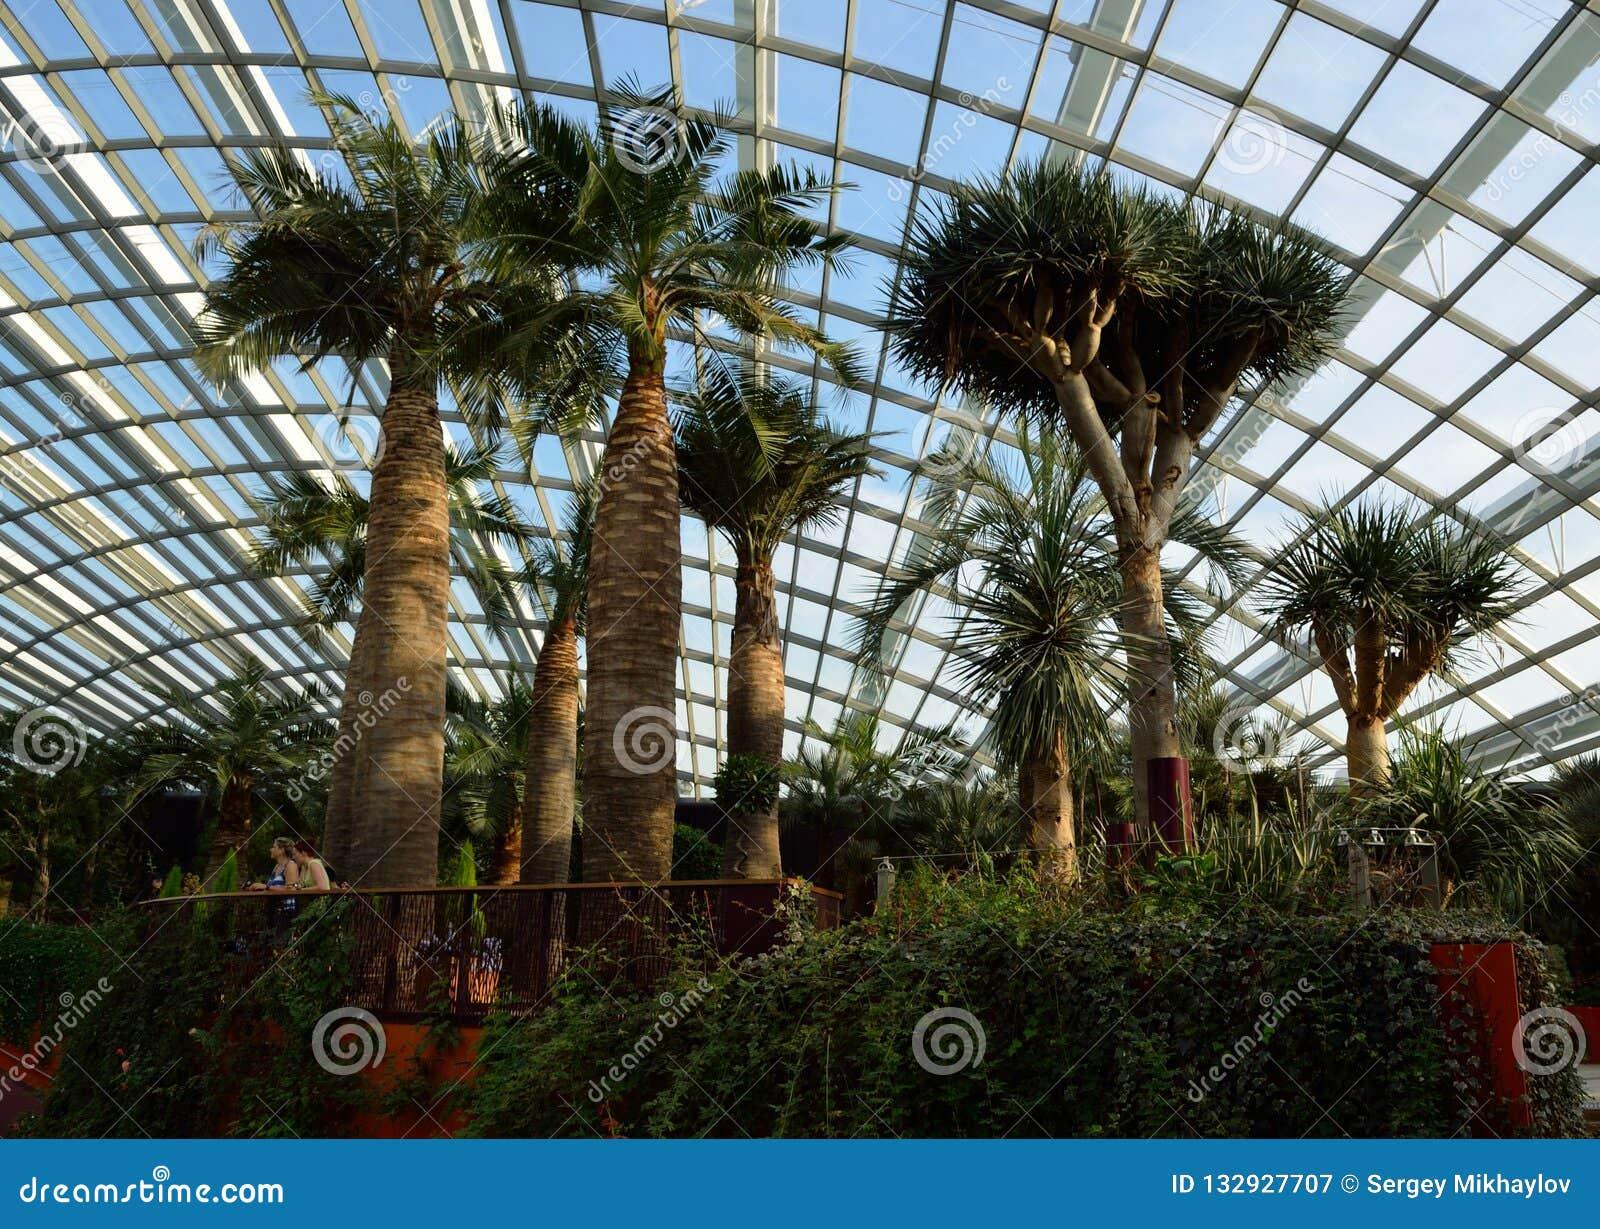 Сингапур - 28-ое апреля 2014: Пальмы в куполе цветков в садах заливом